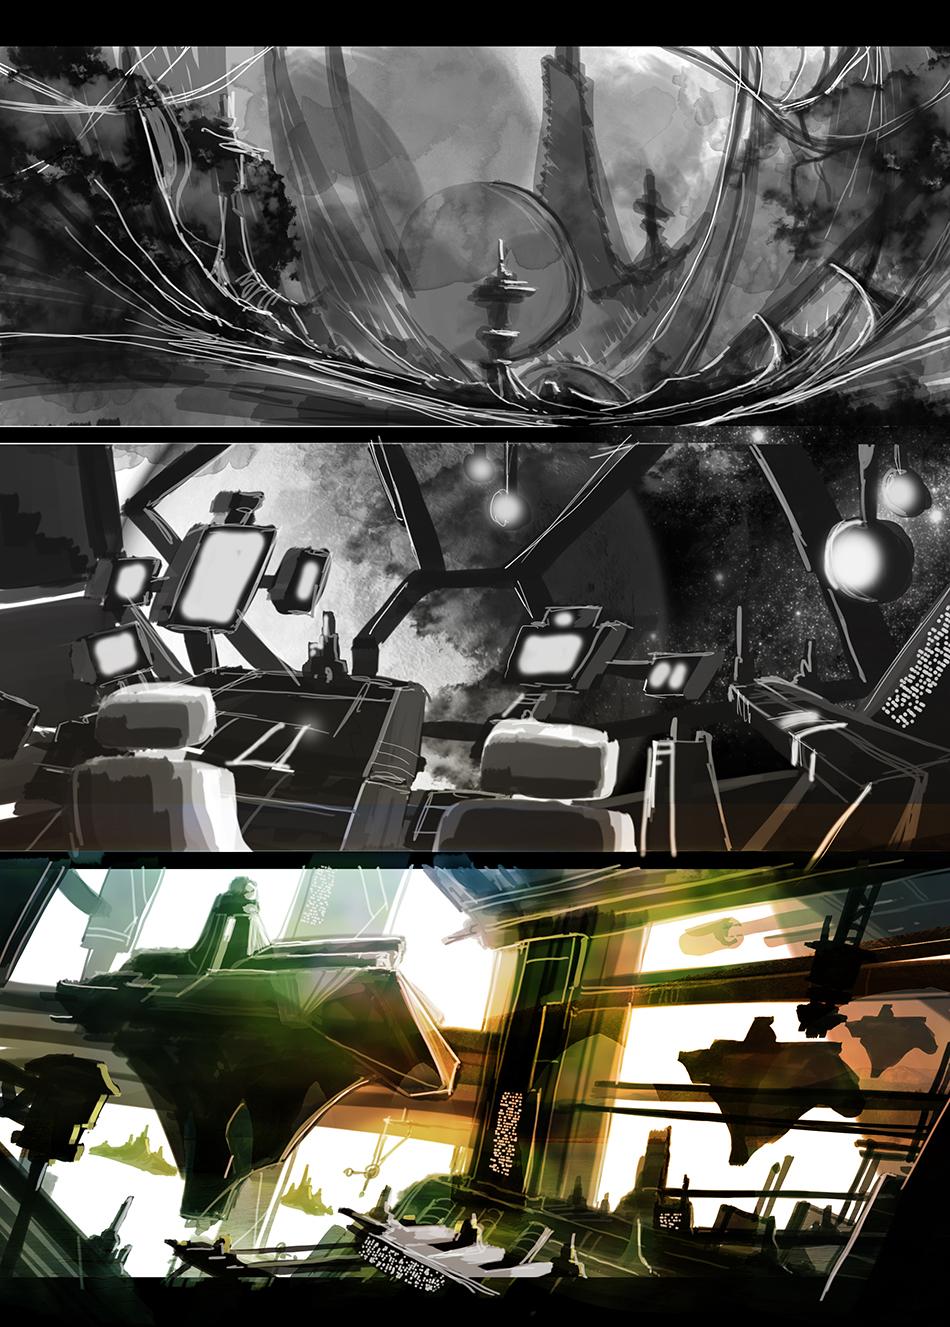 planetdock_09